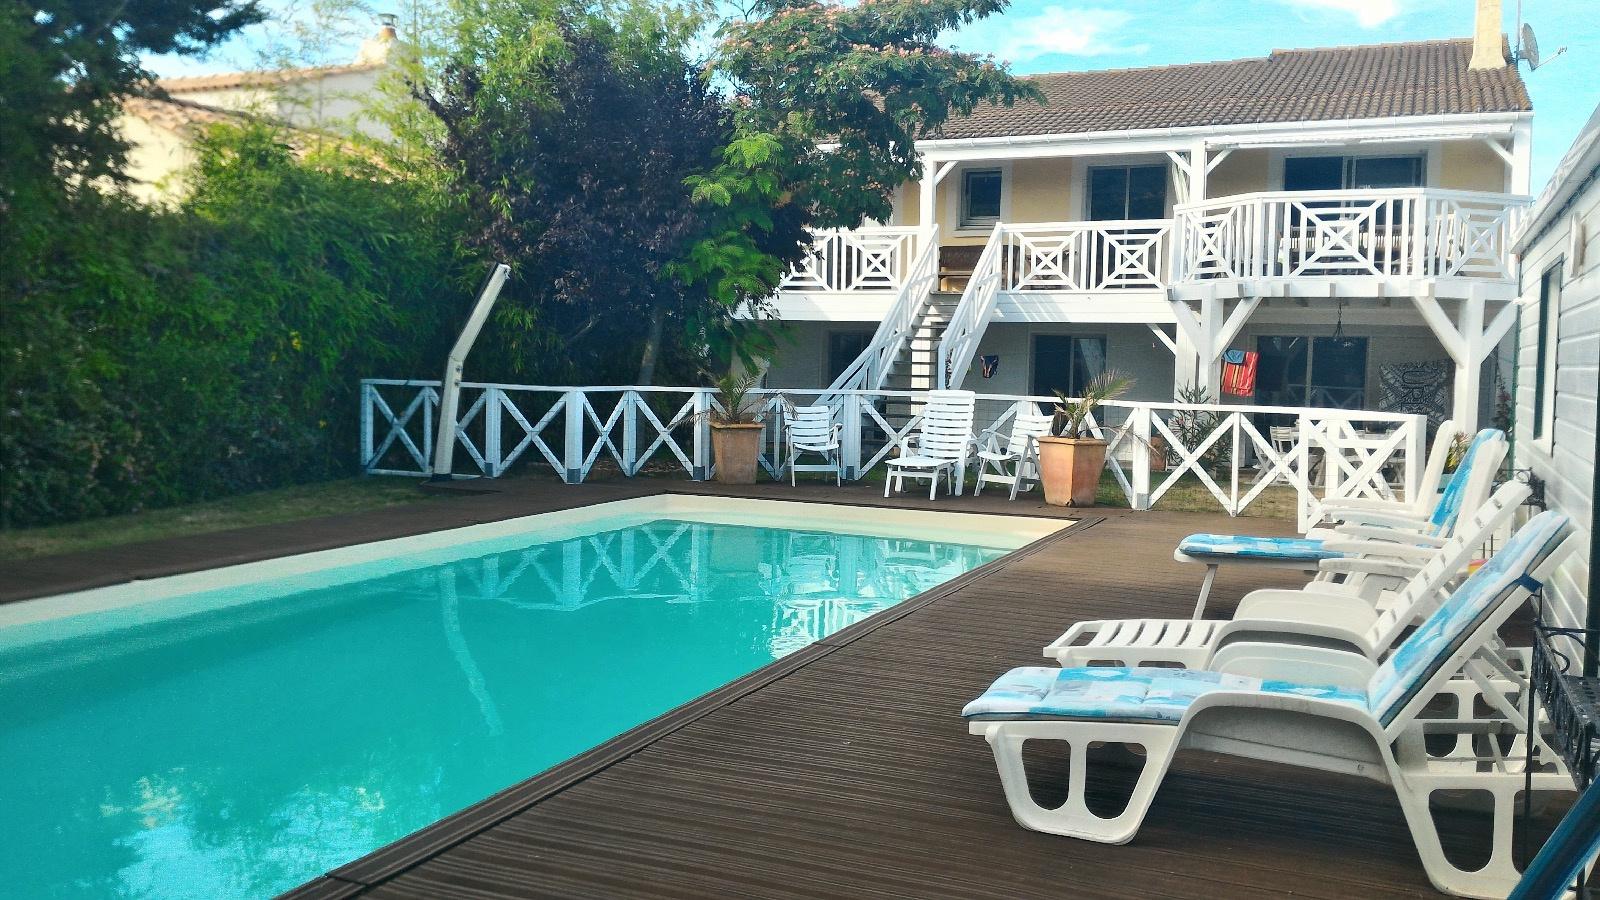 Annonce vente maison 230 m 410 000 992738920091 for Piscine chateau d olonne